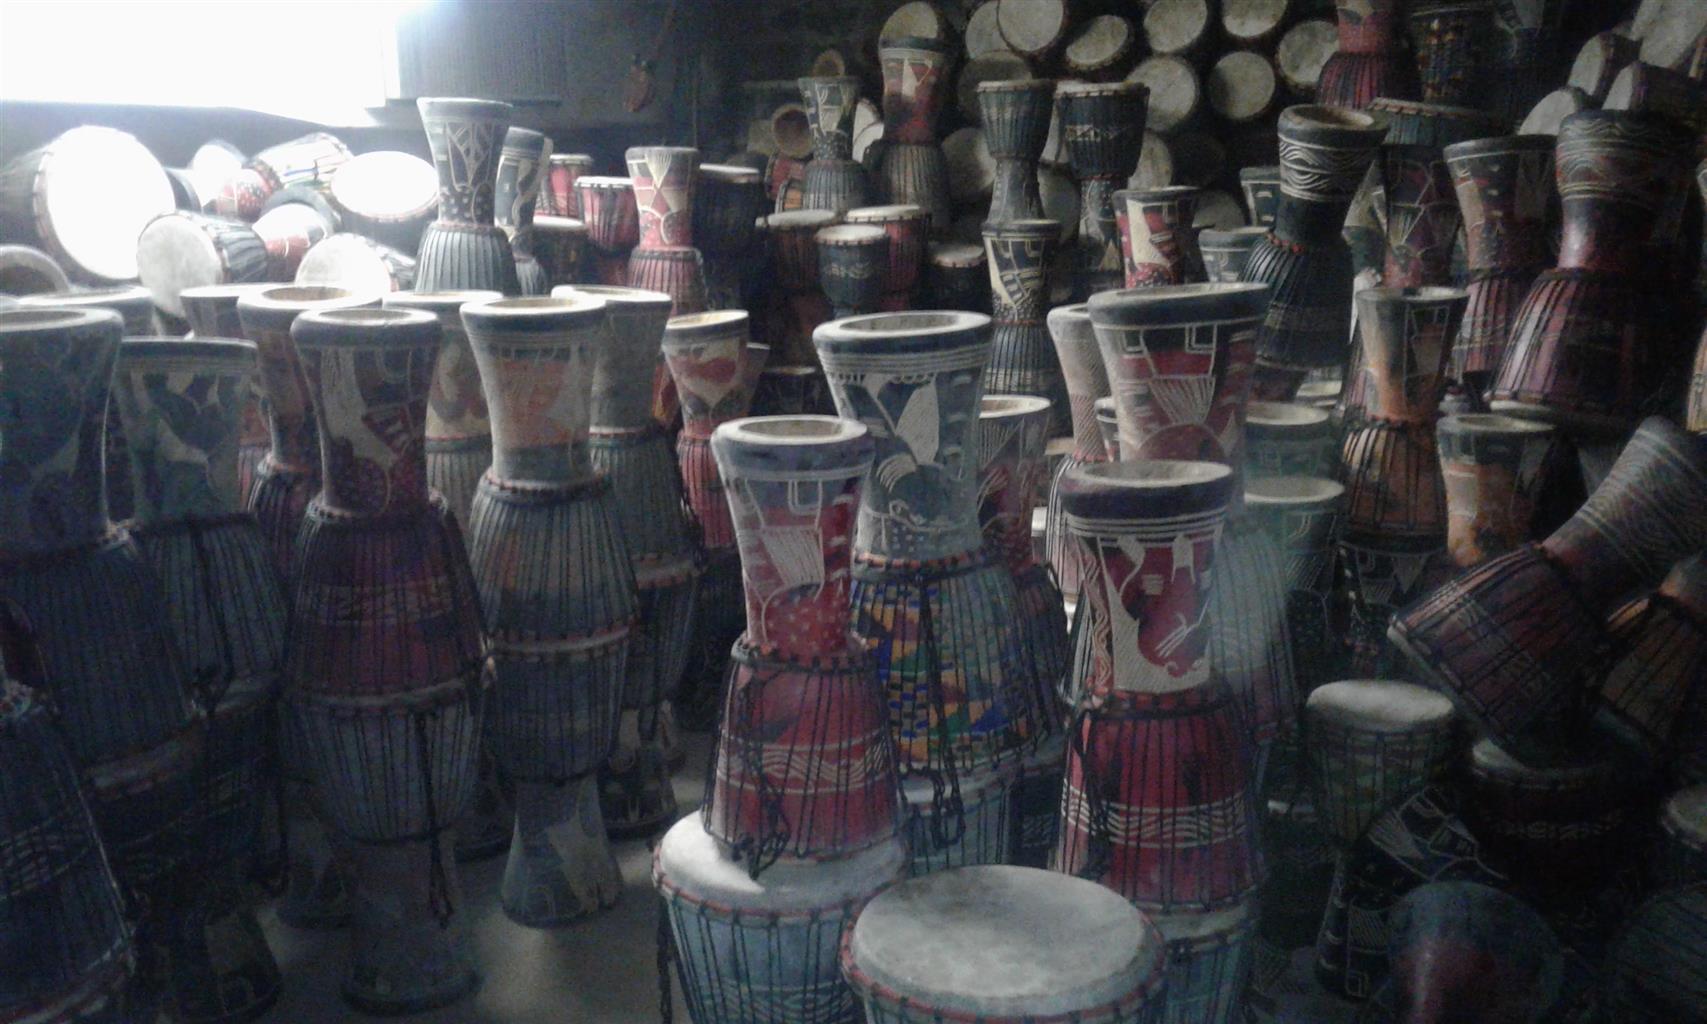 Djembe drums, dundun sets, marimbas